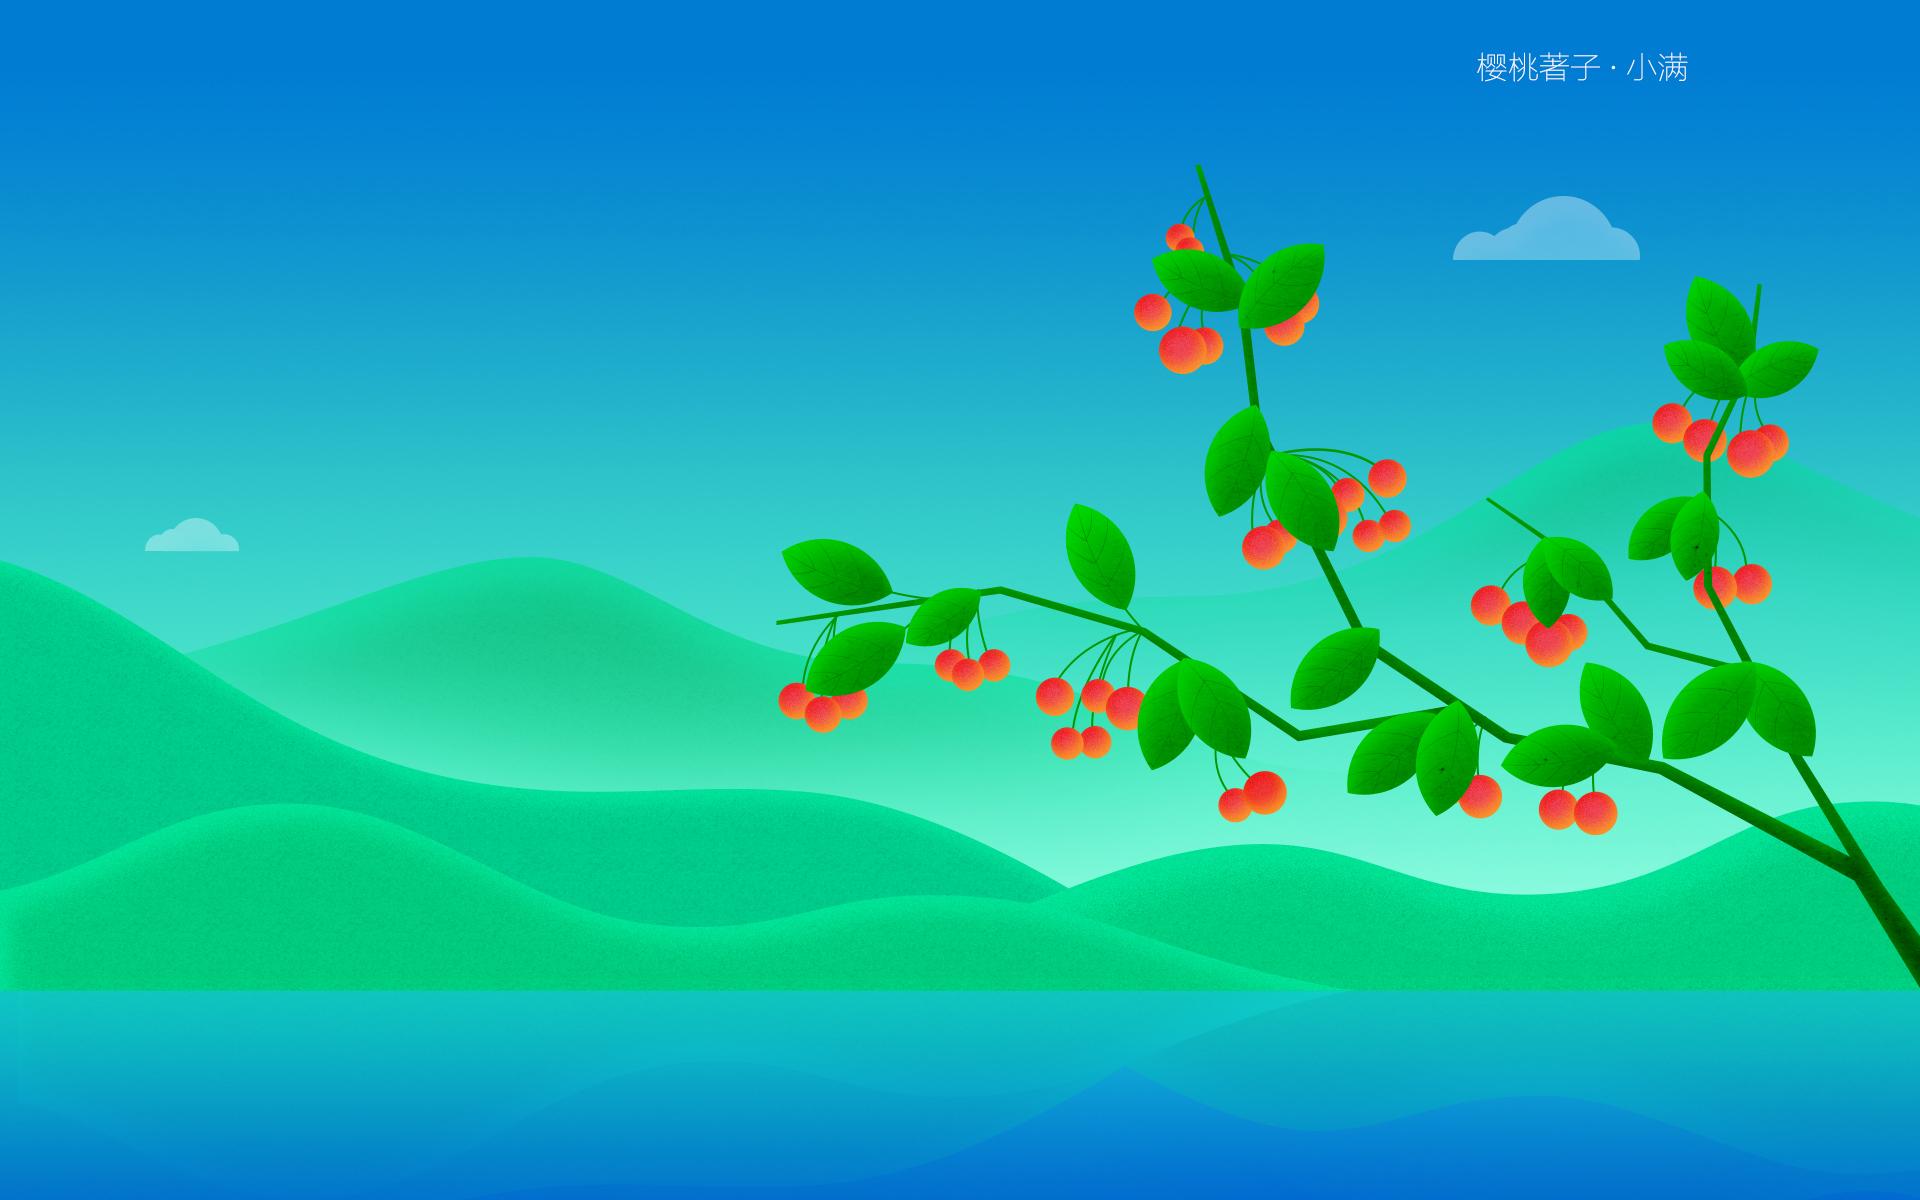 """二十四节气唯美高清小满PPT背景图片免费下载是由PPT宝藏(www.pptbz.com)会员zengmin上传推荐的节日PPT背景图片, 更新时间为2017-01-11,素材编号118670。 小满,是二十四节气之一,每年5月20-22日之间,太阳到达黄经60时开始。《月令七十二候集解》:四月中,小满者,物至于此小得盈满。 这时中国北方夏熟作物子粒逐渐饱满,早稻开始结穗,在禾稻上始见小粒的谷实、满满的,南方进入夏收夏种季节。 南方地区:""""小满大满江河满""""反映了这一地区降雨多、雨量大"""